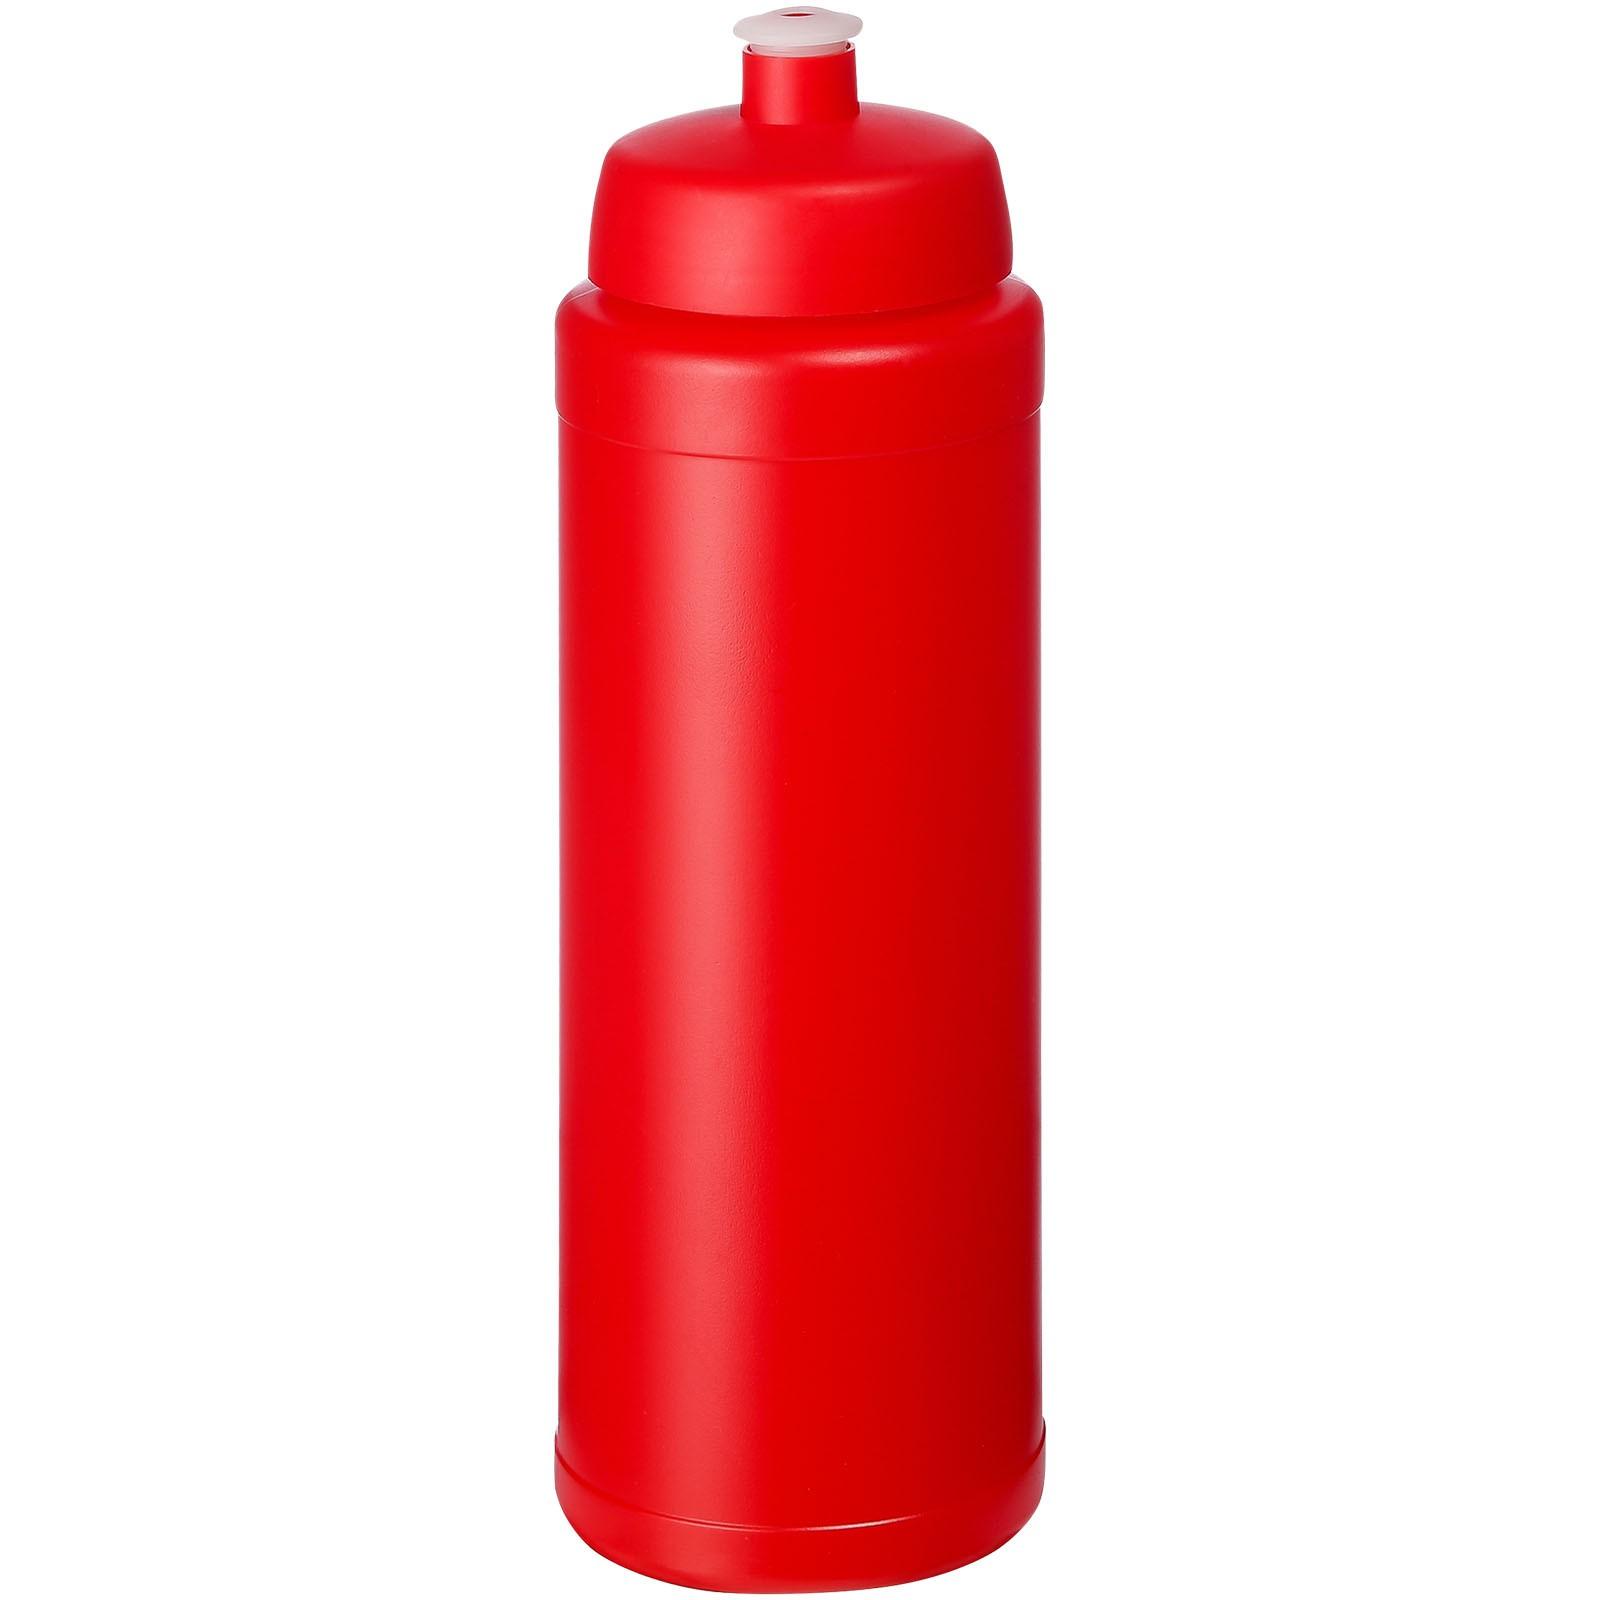 Baseline® Plus grip 750 ml sports lid sport bottle - Red